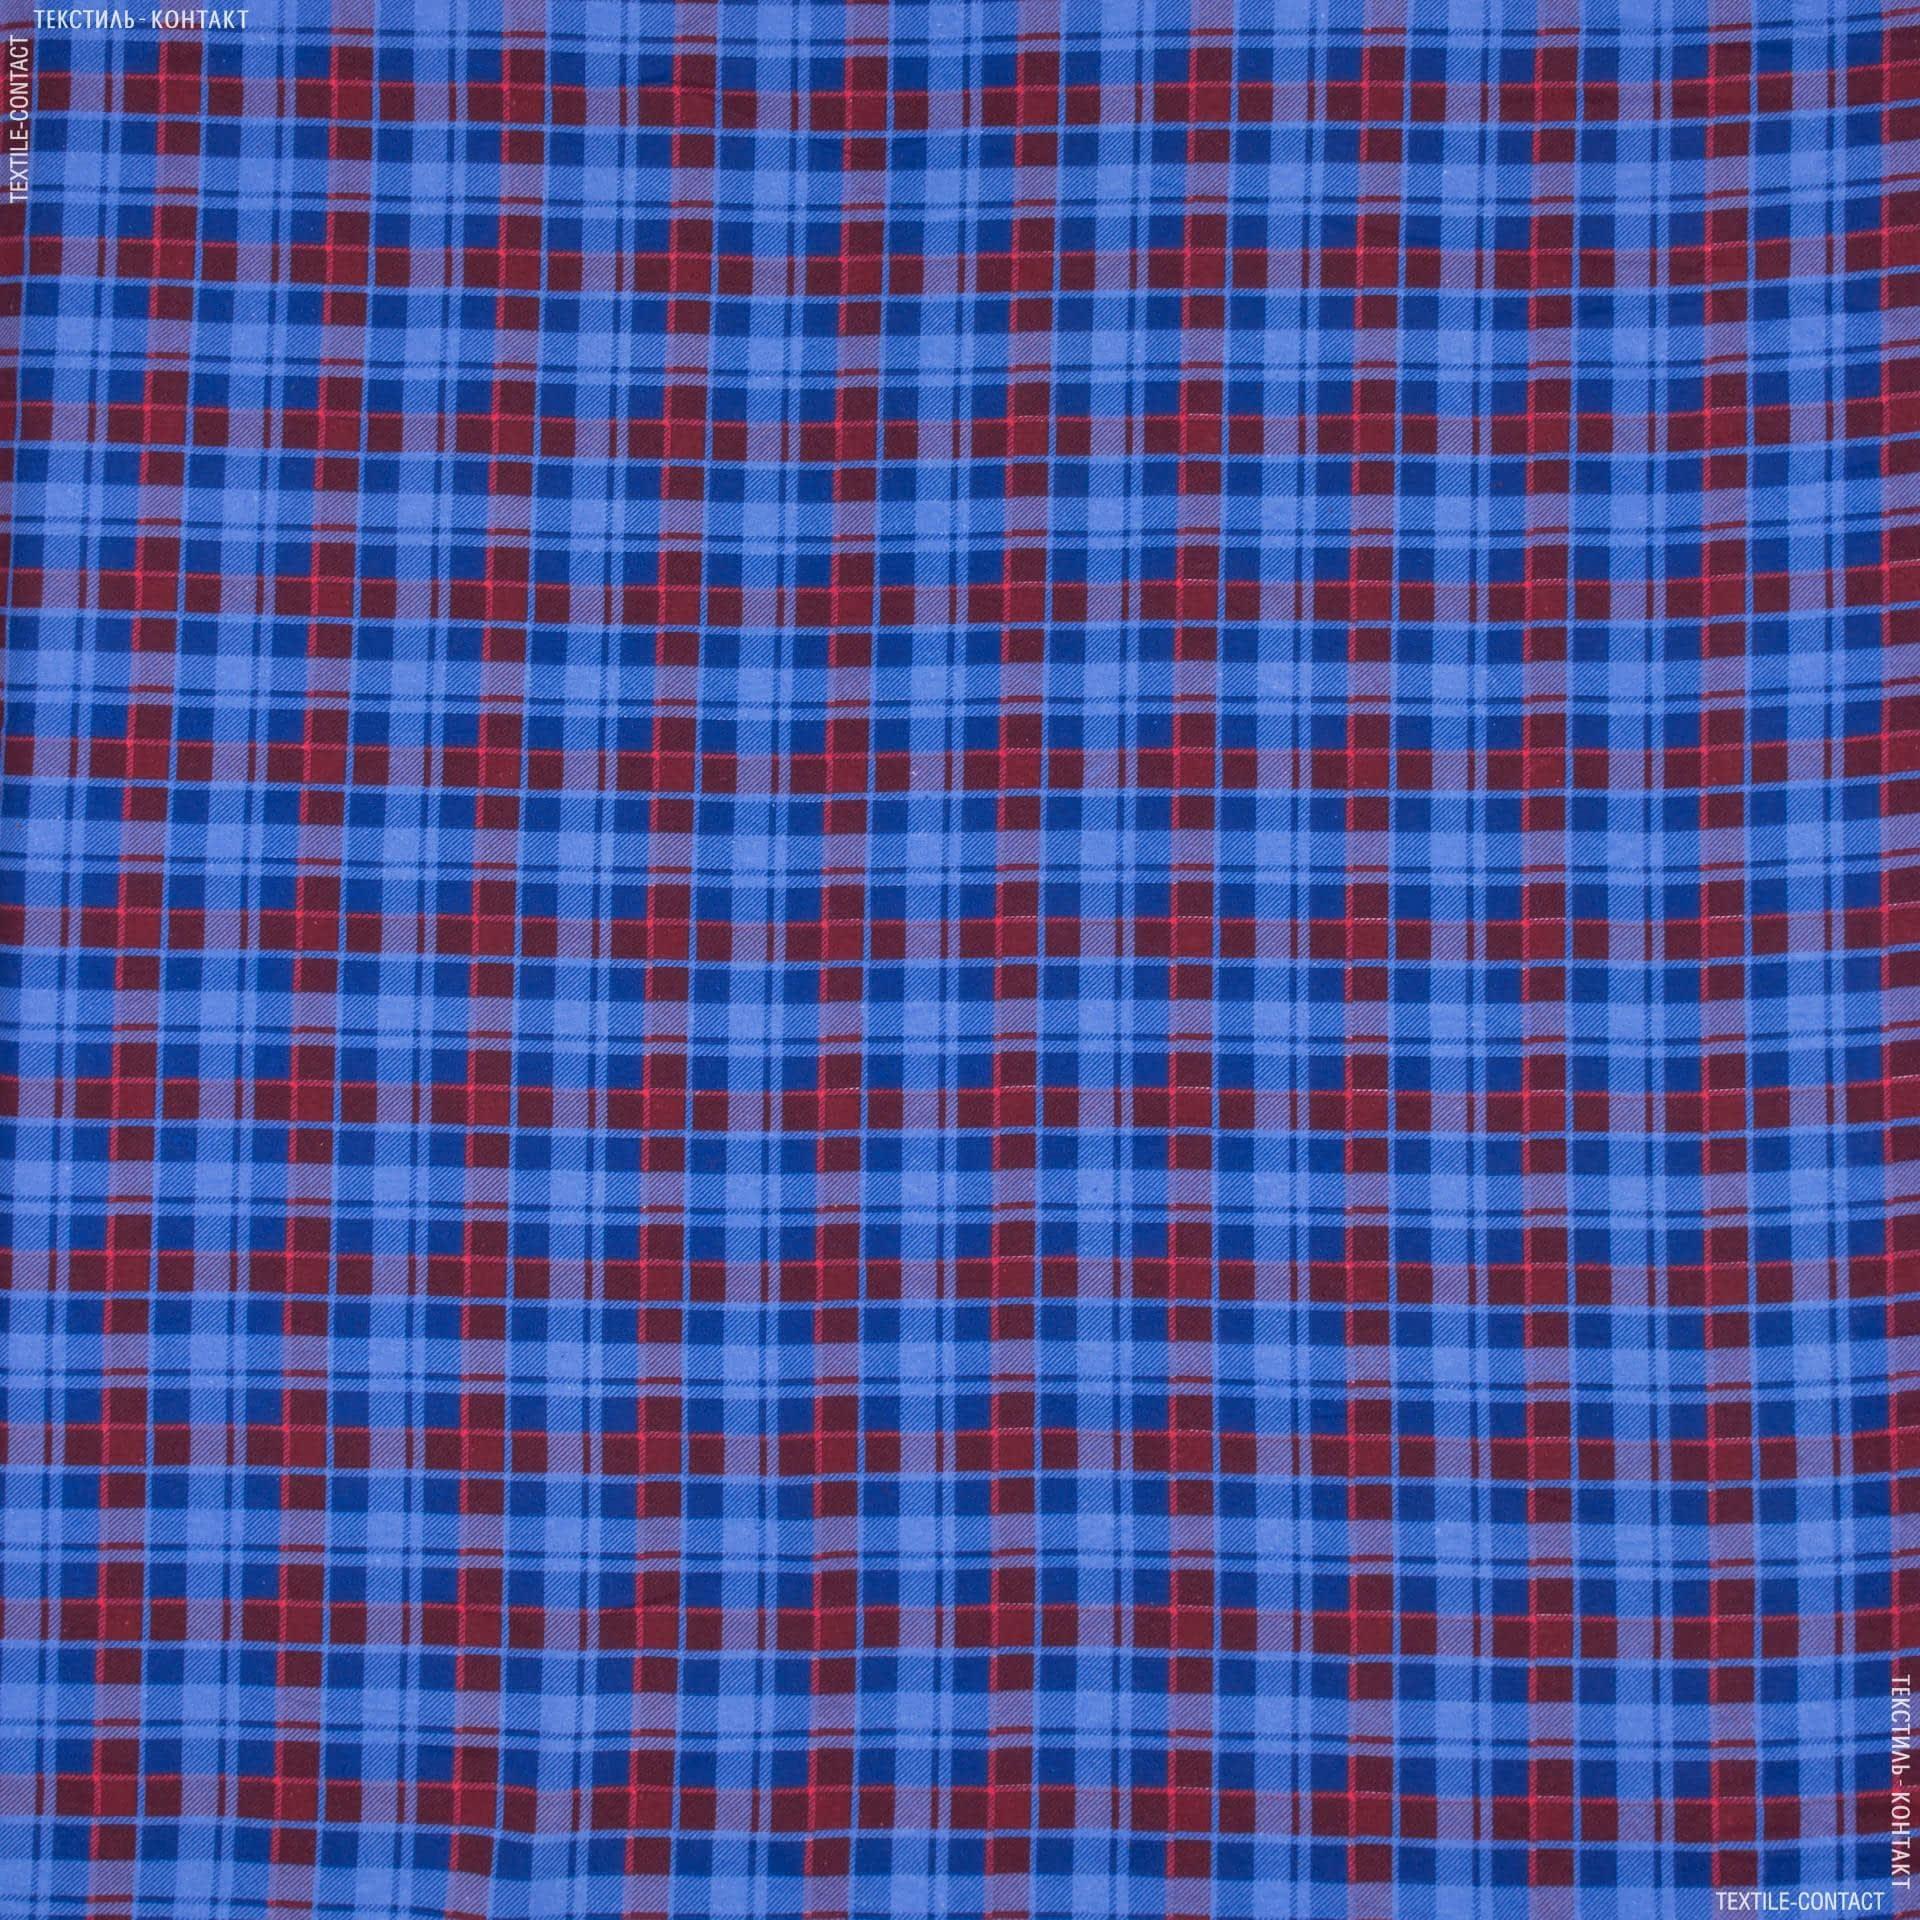 Ткани для рубашек - Фланель рубашечная